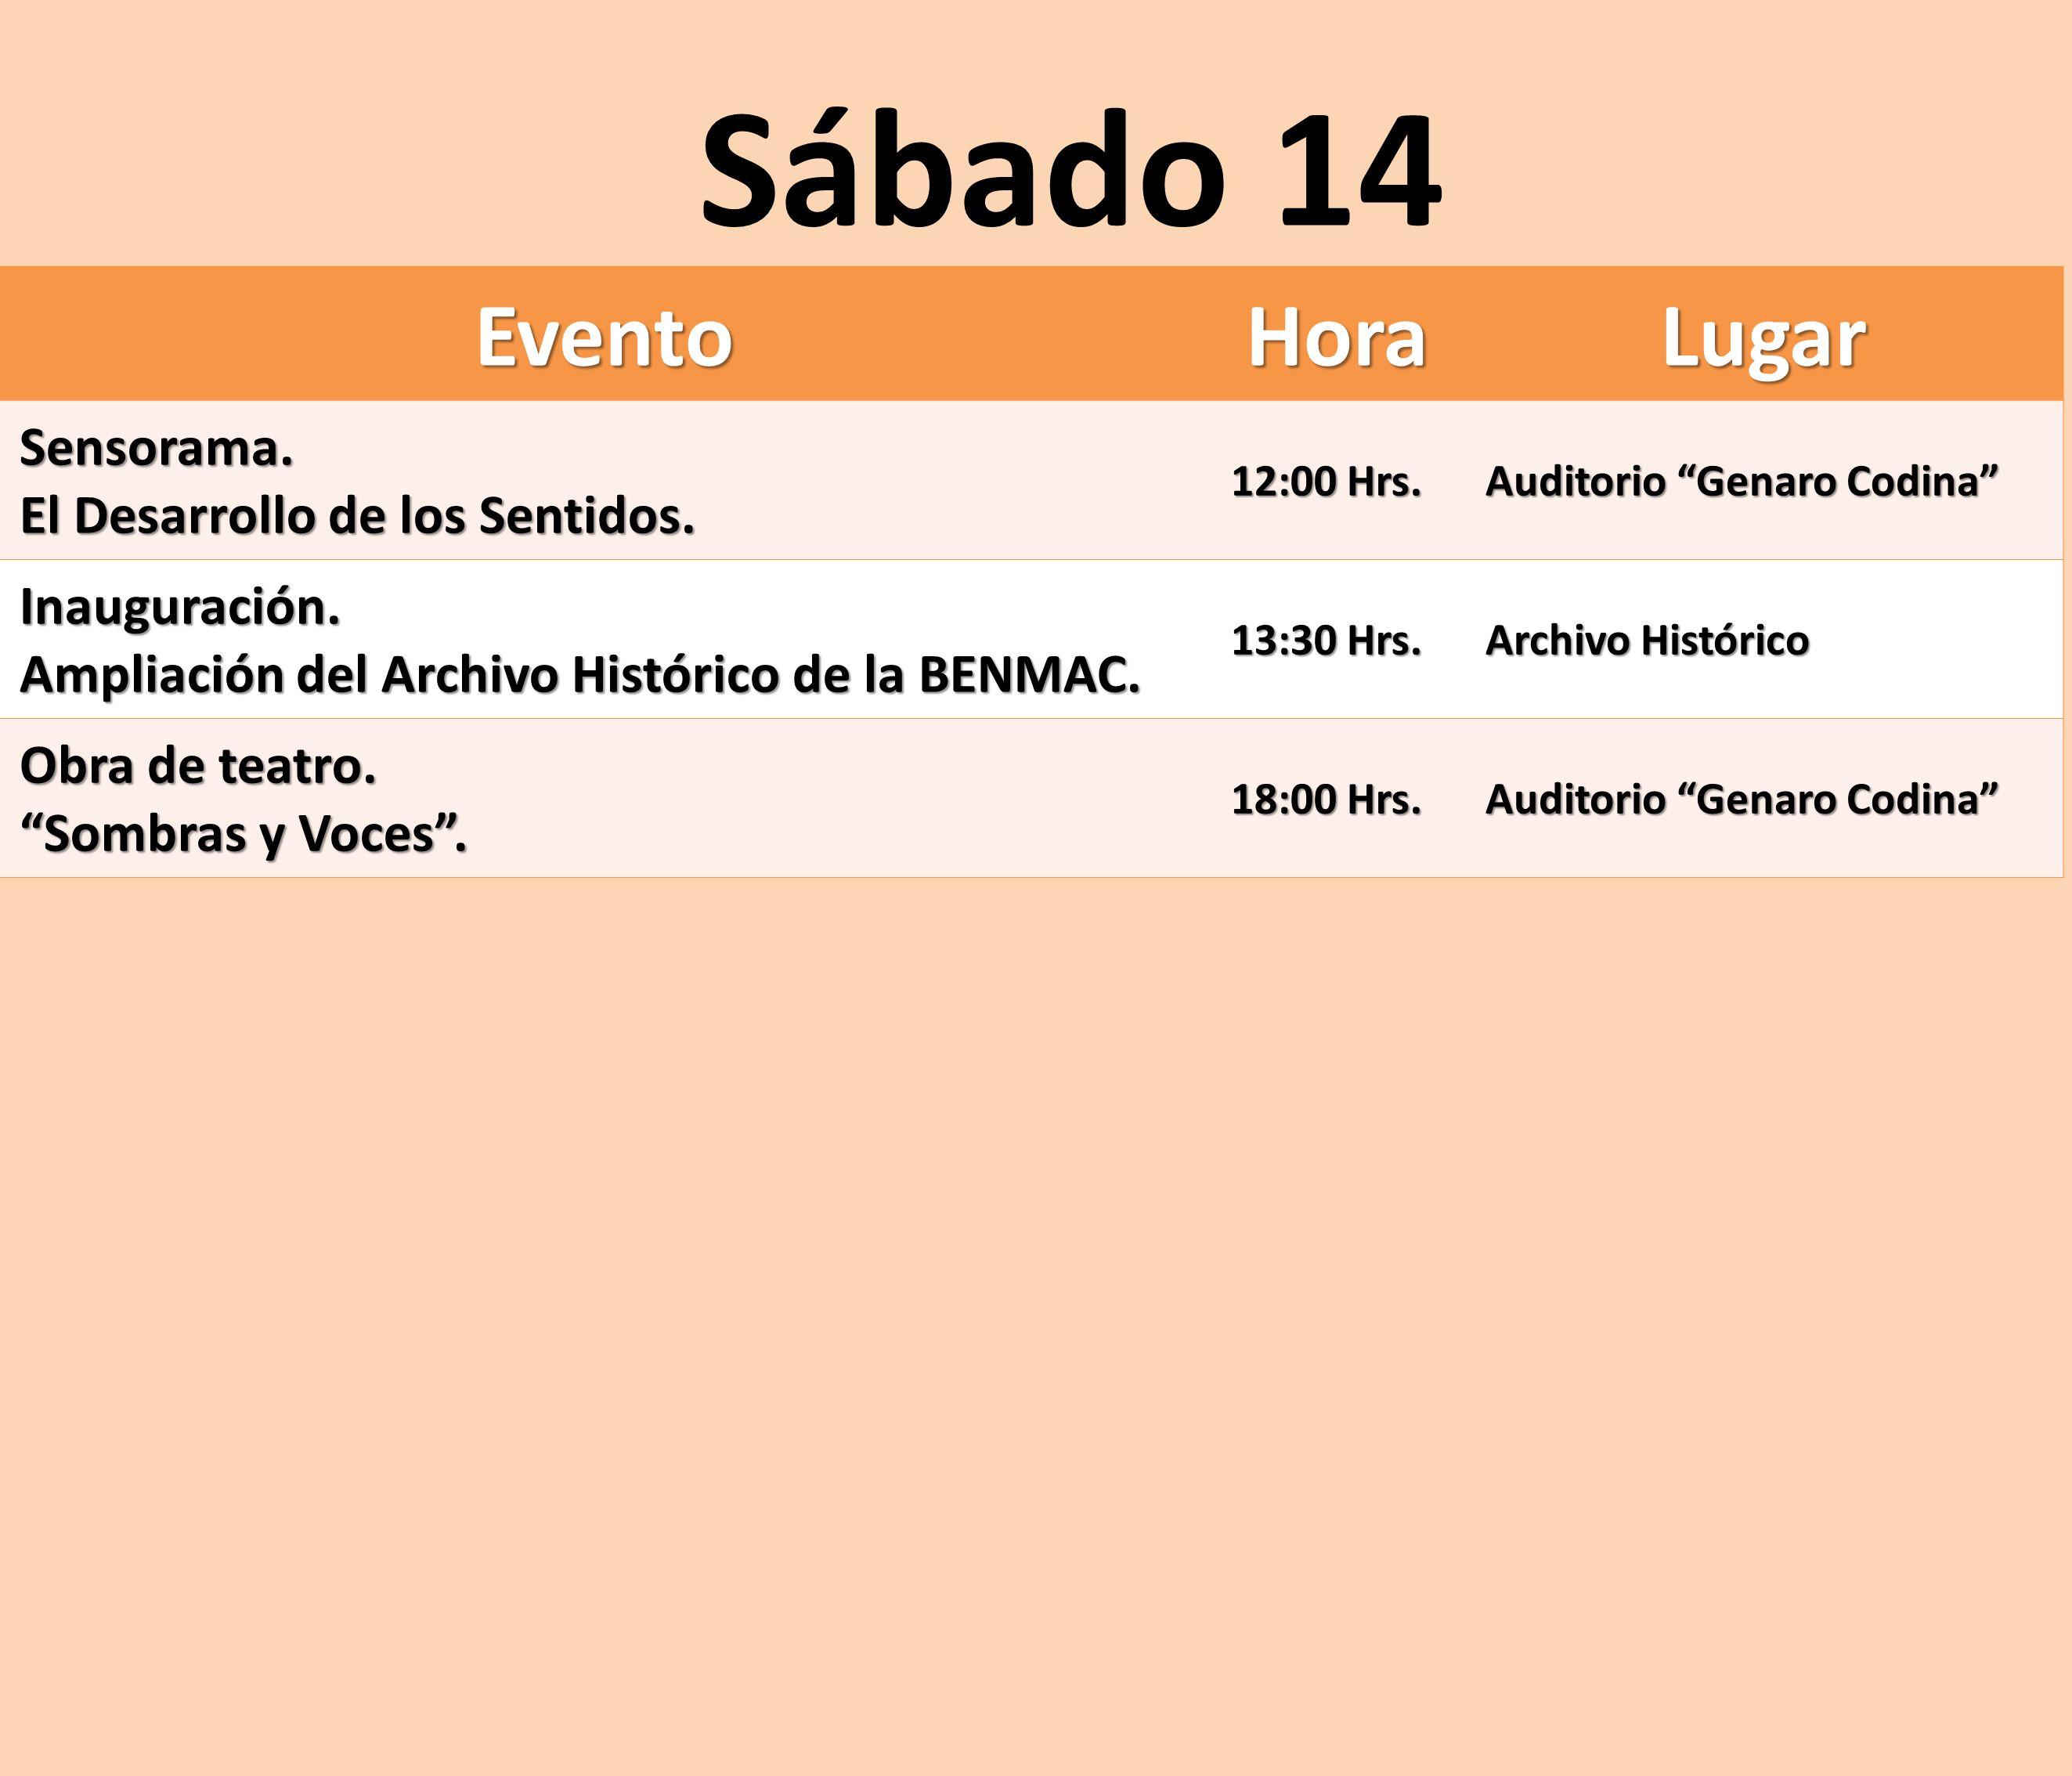 Sábado 14 Evento Hora Lugar Sensorama. El Desarrollo de los Sentidos.